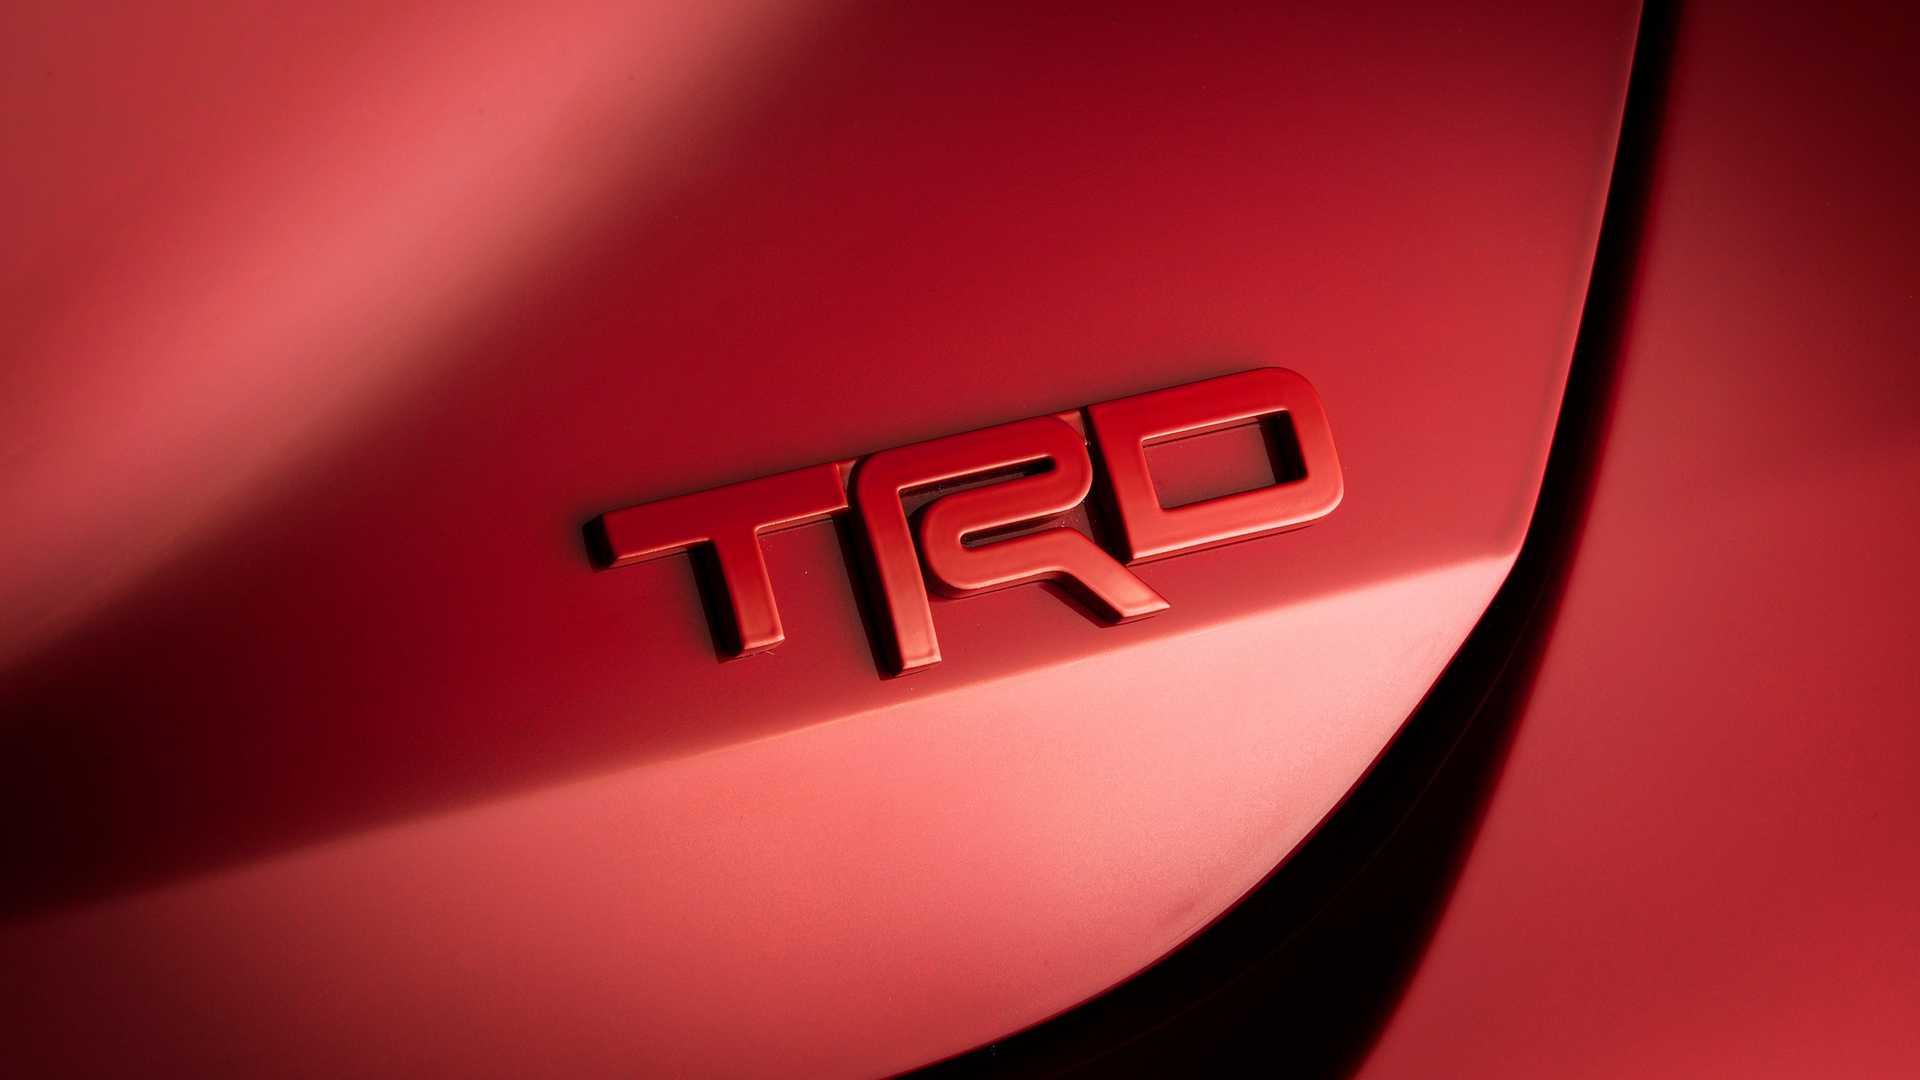 Sedan Toyota Avalon TRD 2020 phiên bản thể thao vừa ra mắt có giá 1 tỉ đồng - 4